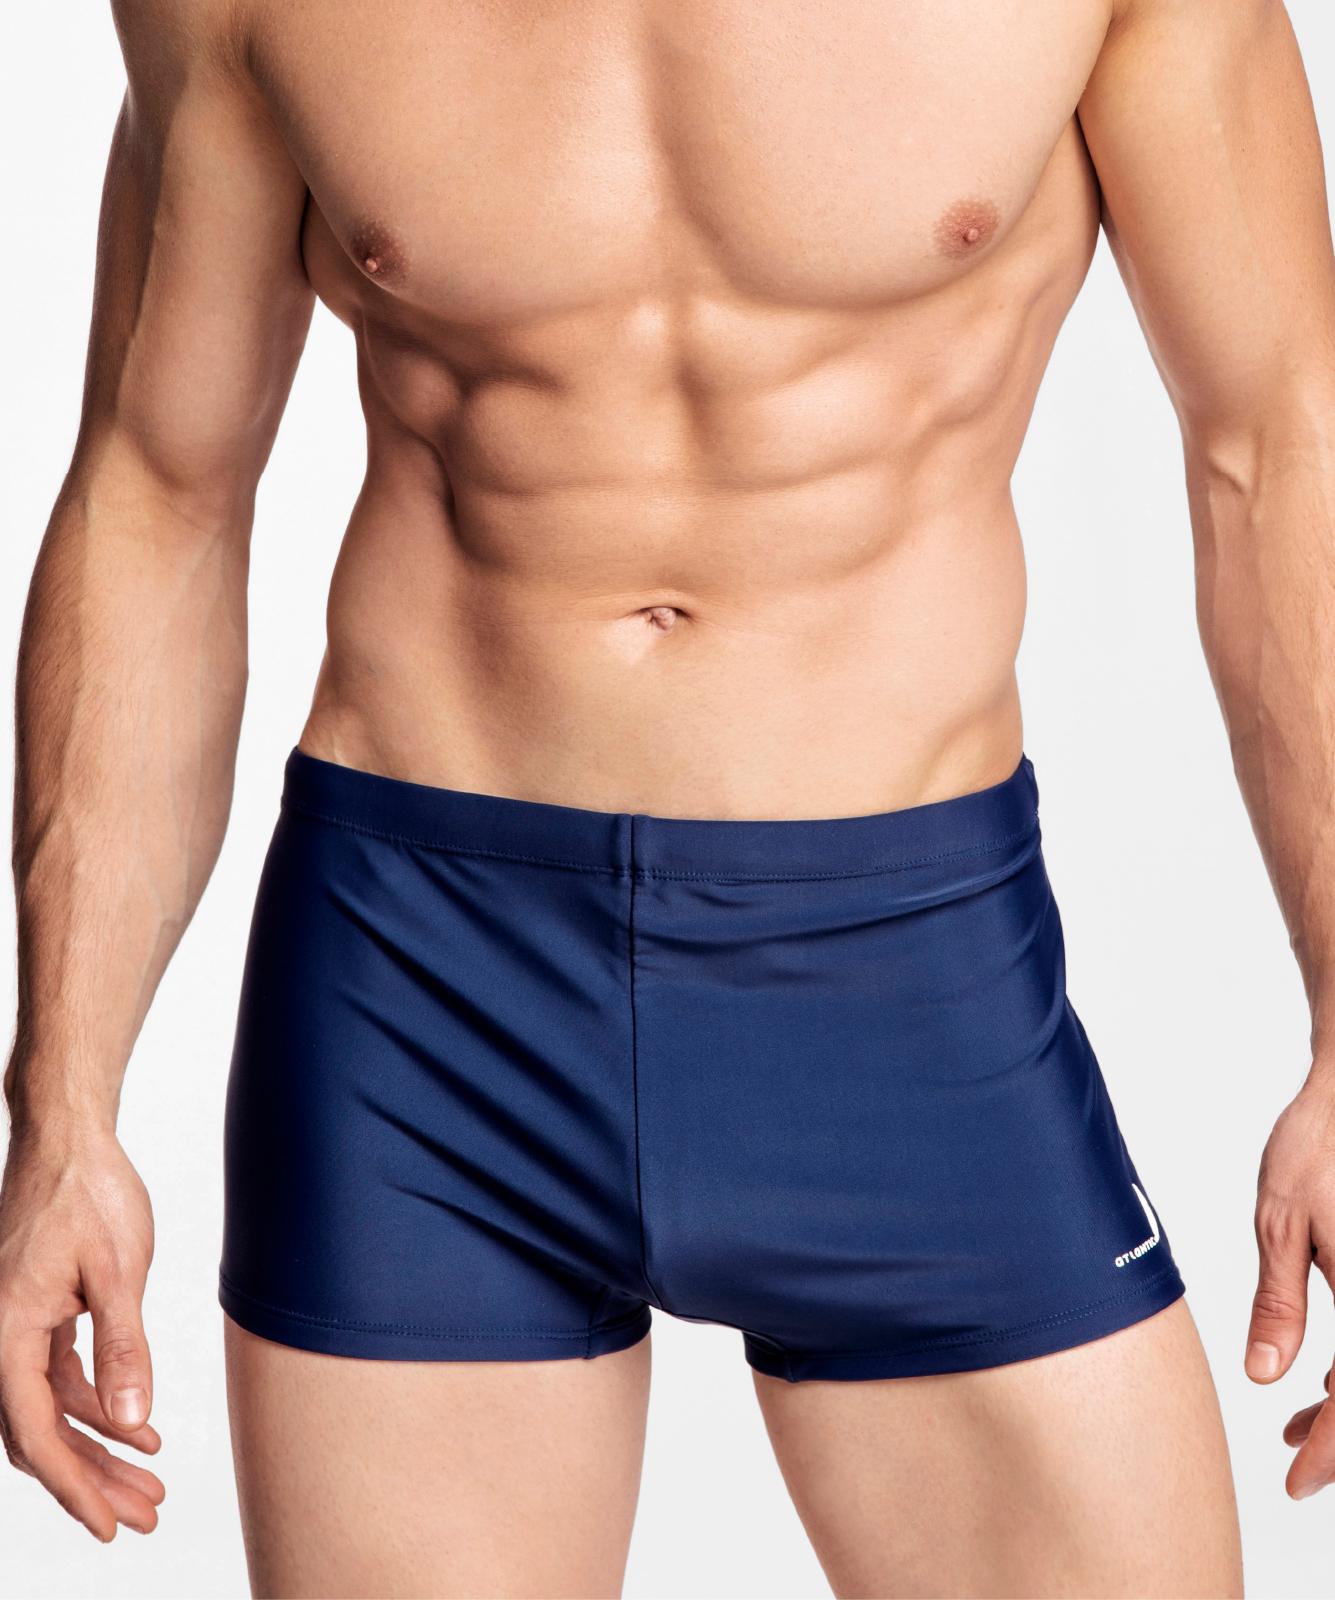 Купальные шорты мужские Atlantic, 1 шт. в уп., полиамид, темно-синие, KMS-310